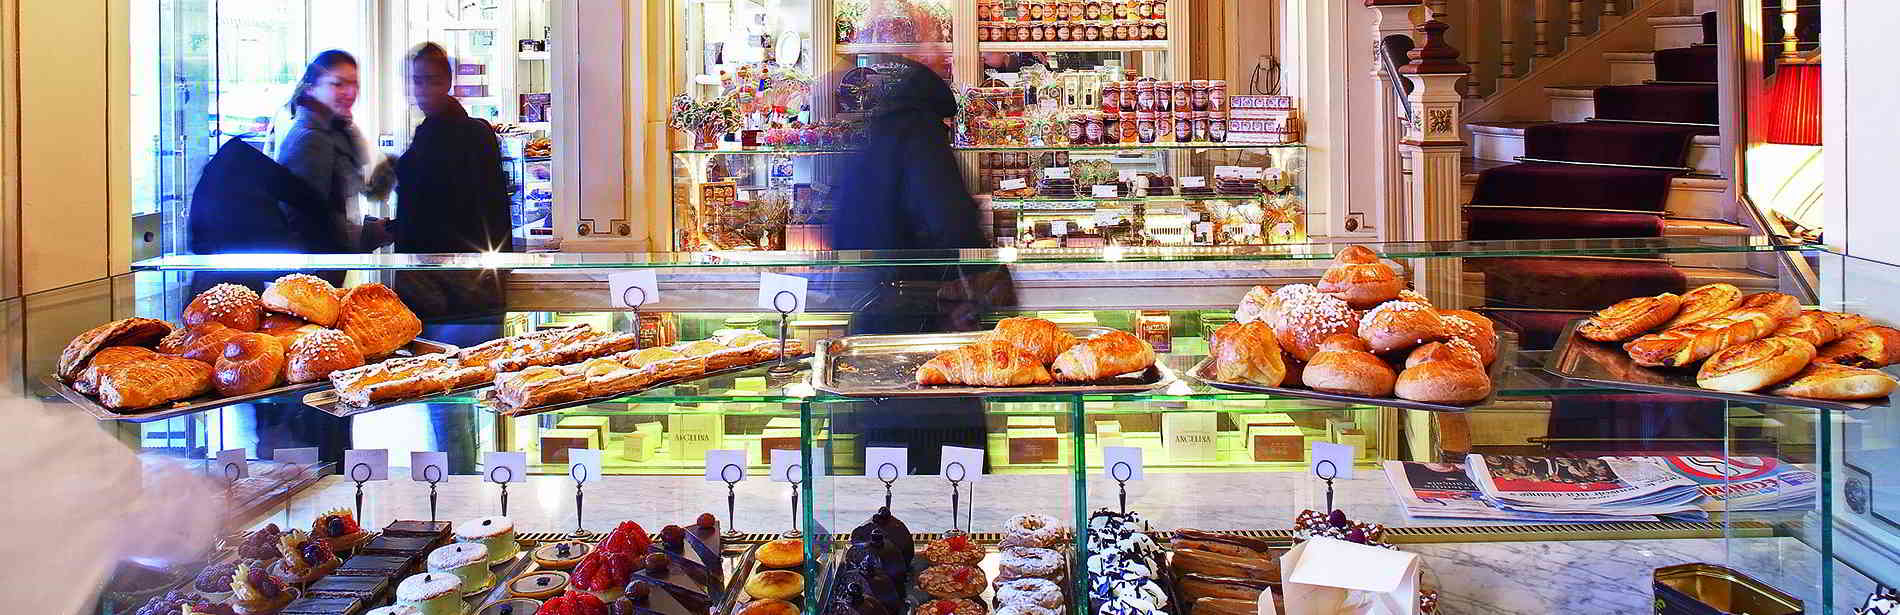 Pastries & Tea in Paris